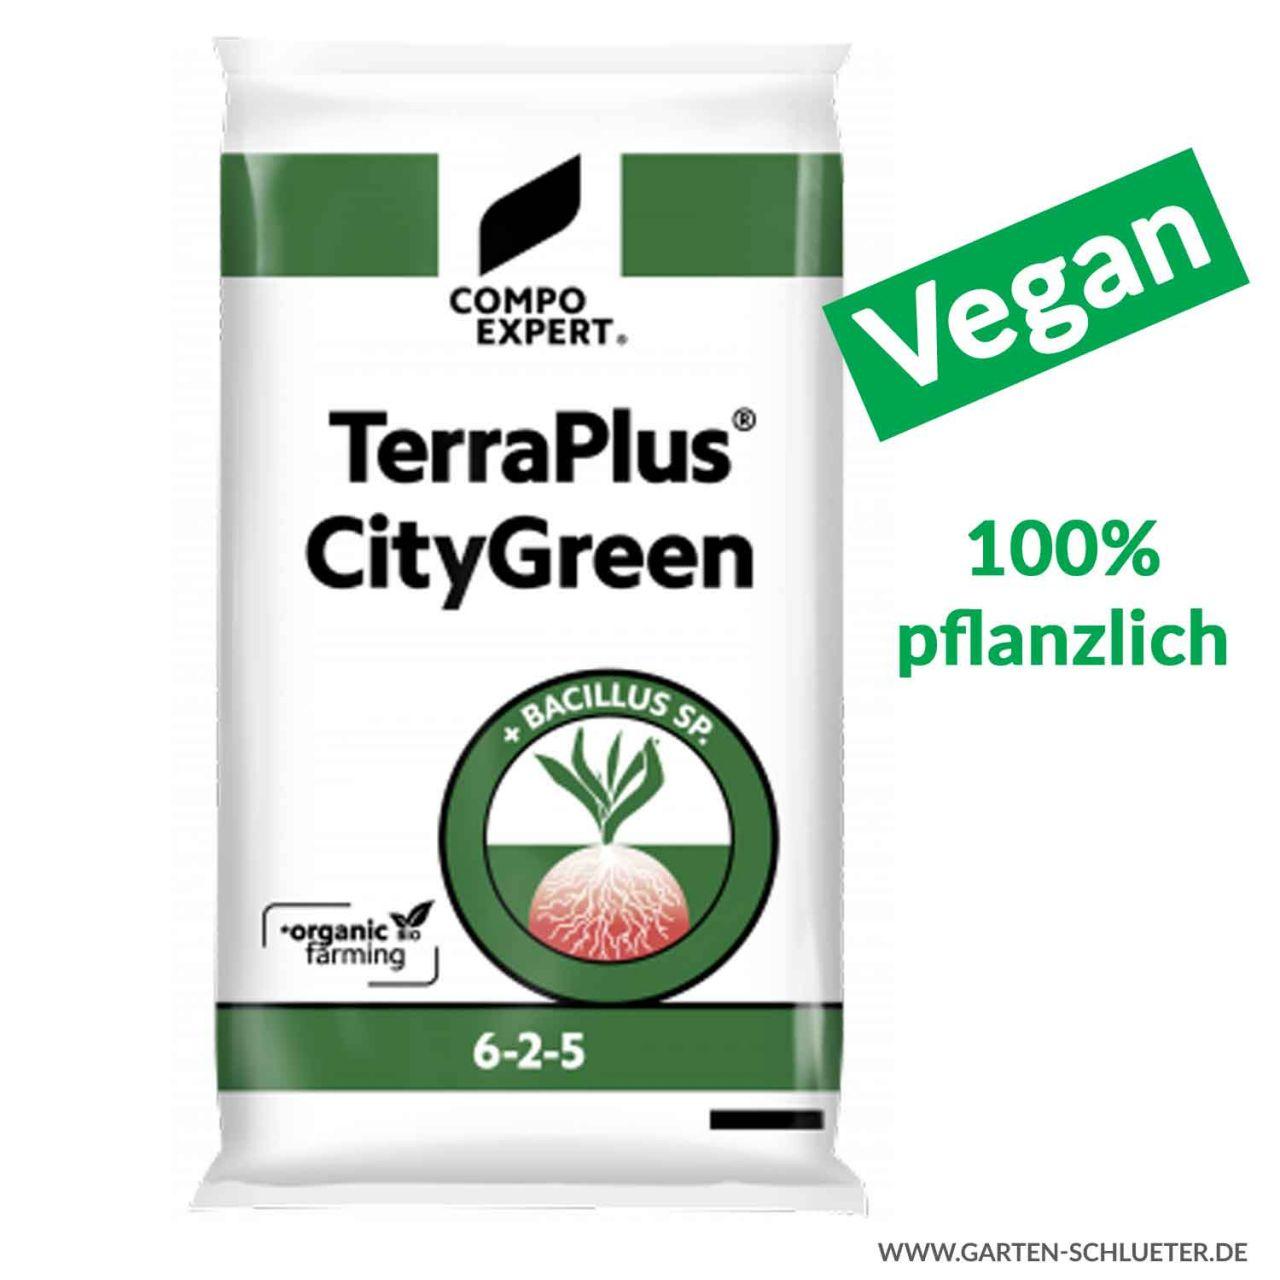 Organischer Volldünger - Compo Expert® TerraPlus® CityGreen 6-2-5 - 20 kg - V...